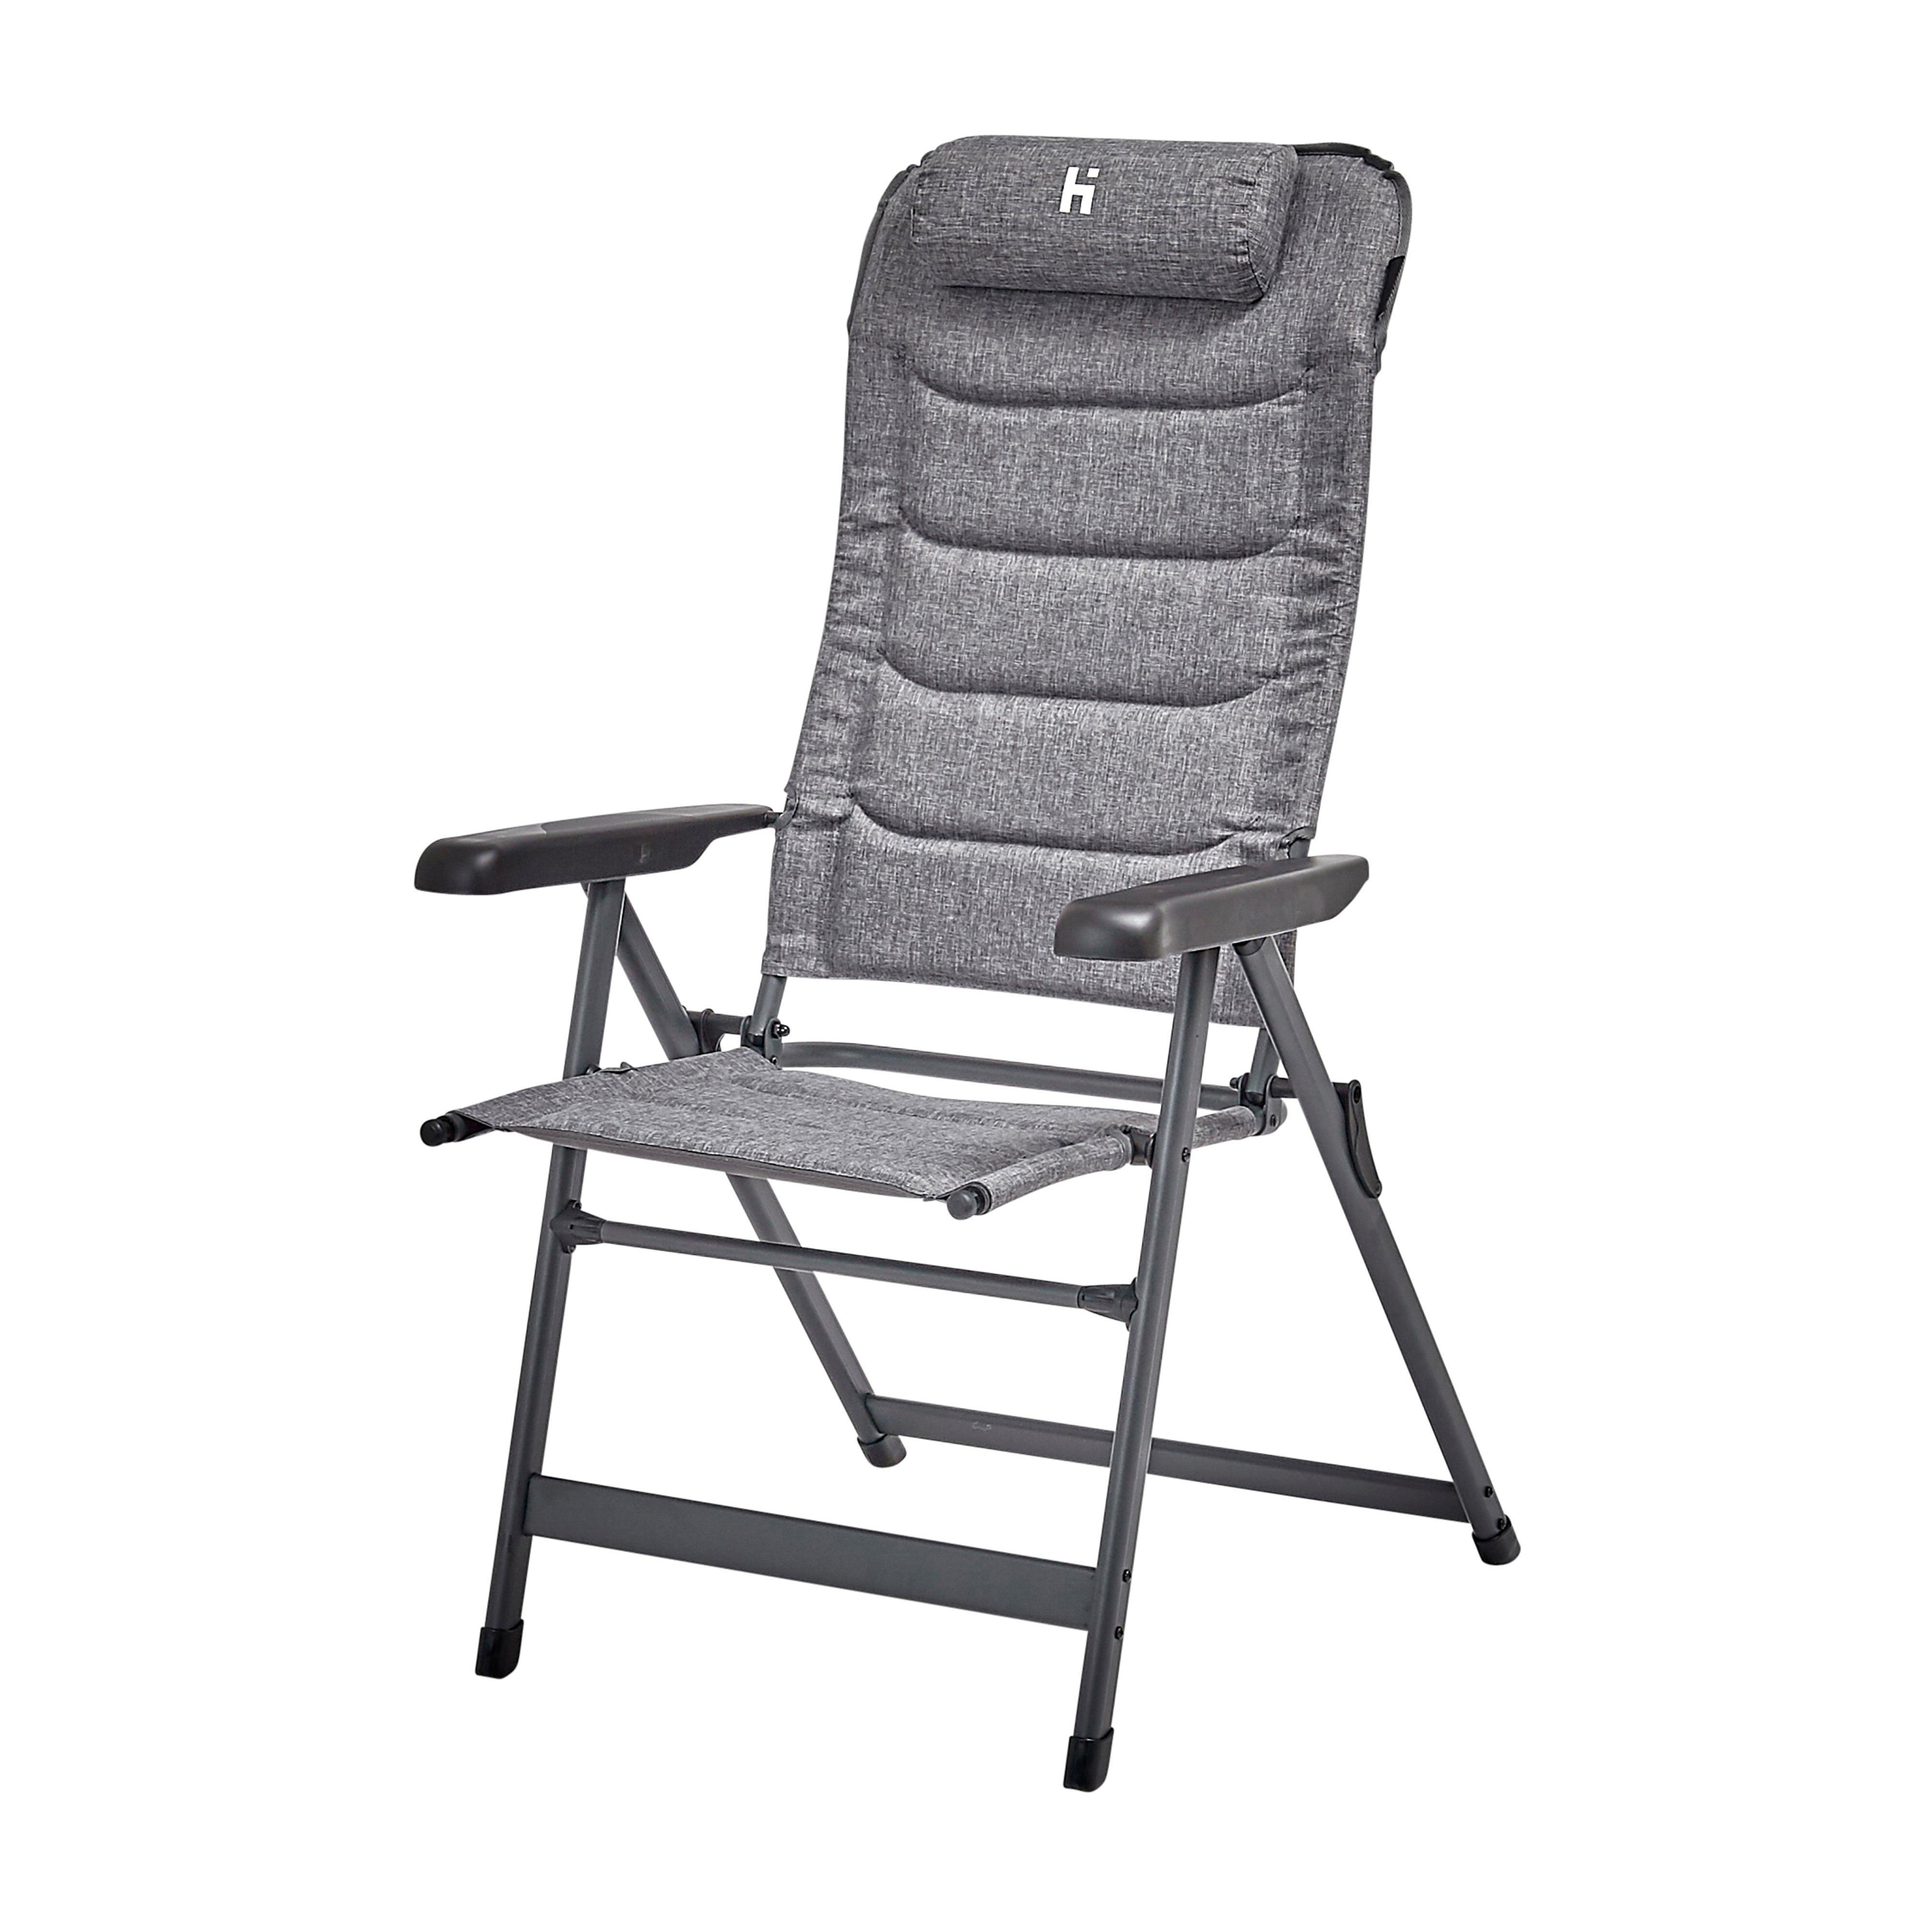 Hi Gear Turin Recliner Chair